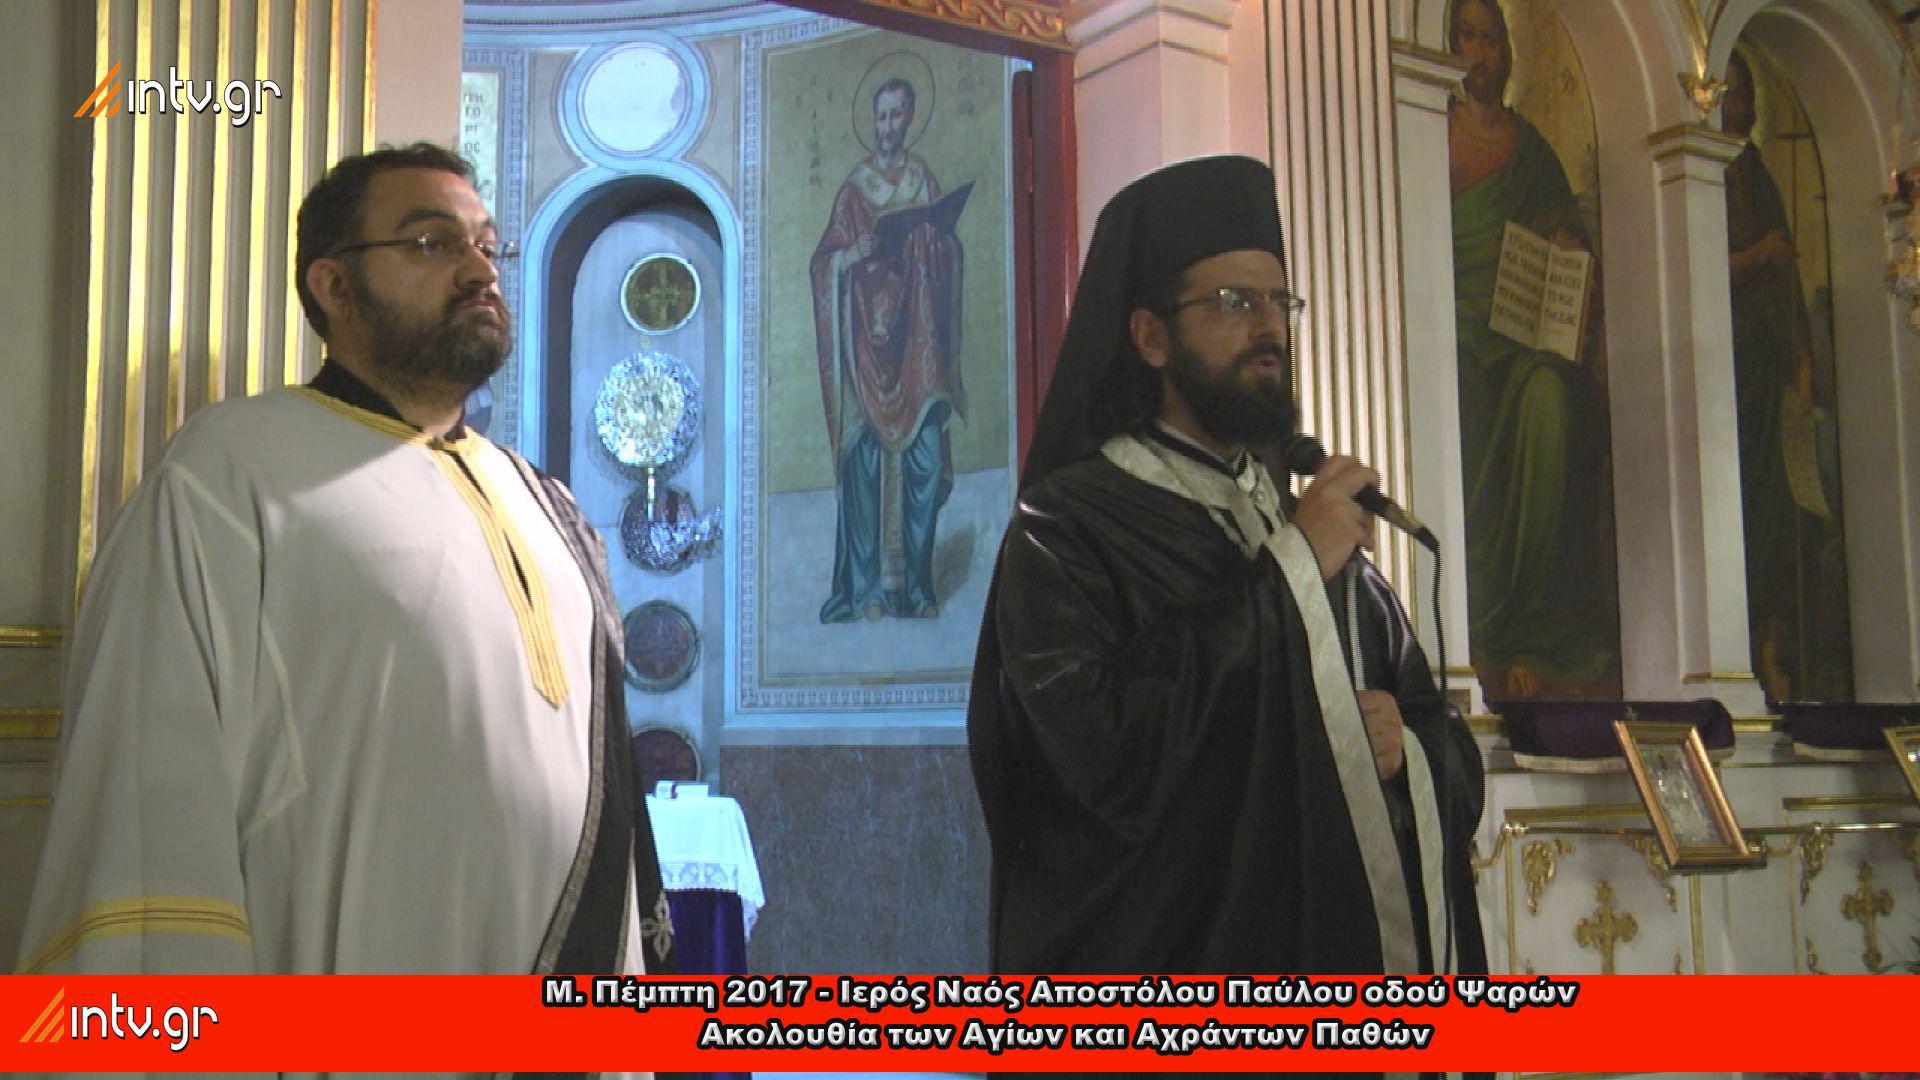 Μ. Πέμπτη 2017 - Ιερός Ναός Αποστόλου Παύλου οδού Ψαρών - Ακολουθία των Αγίων και Αχράντων Παθών